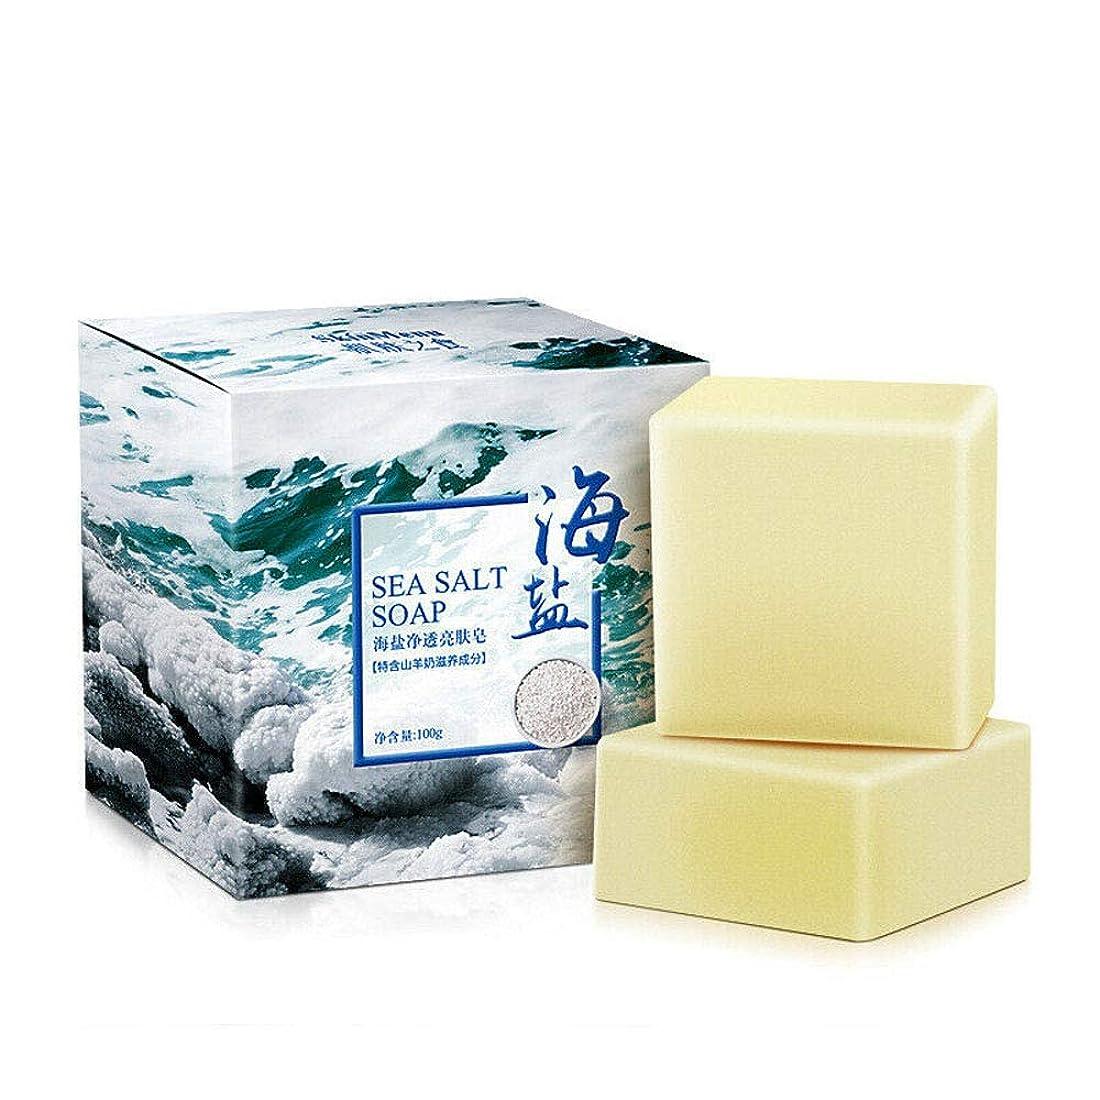 回路きゅうりテープせっけん 石鹸 海塩 山羊乳 洗顔 ボディ用 浴用せっけん しっとり肌 植物性 無添加 白い 100g×1個入 (#2)